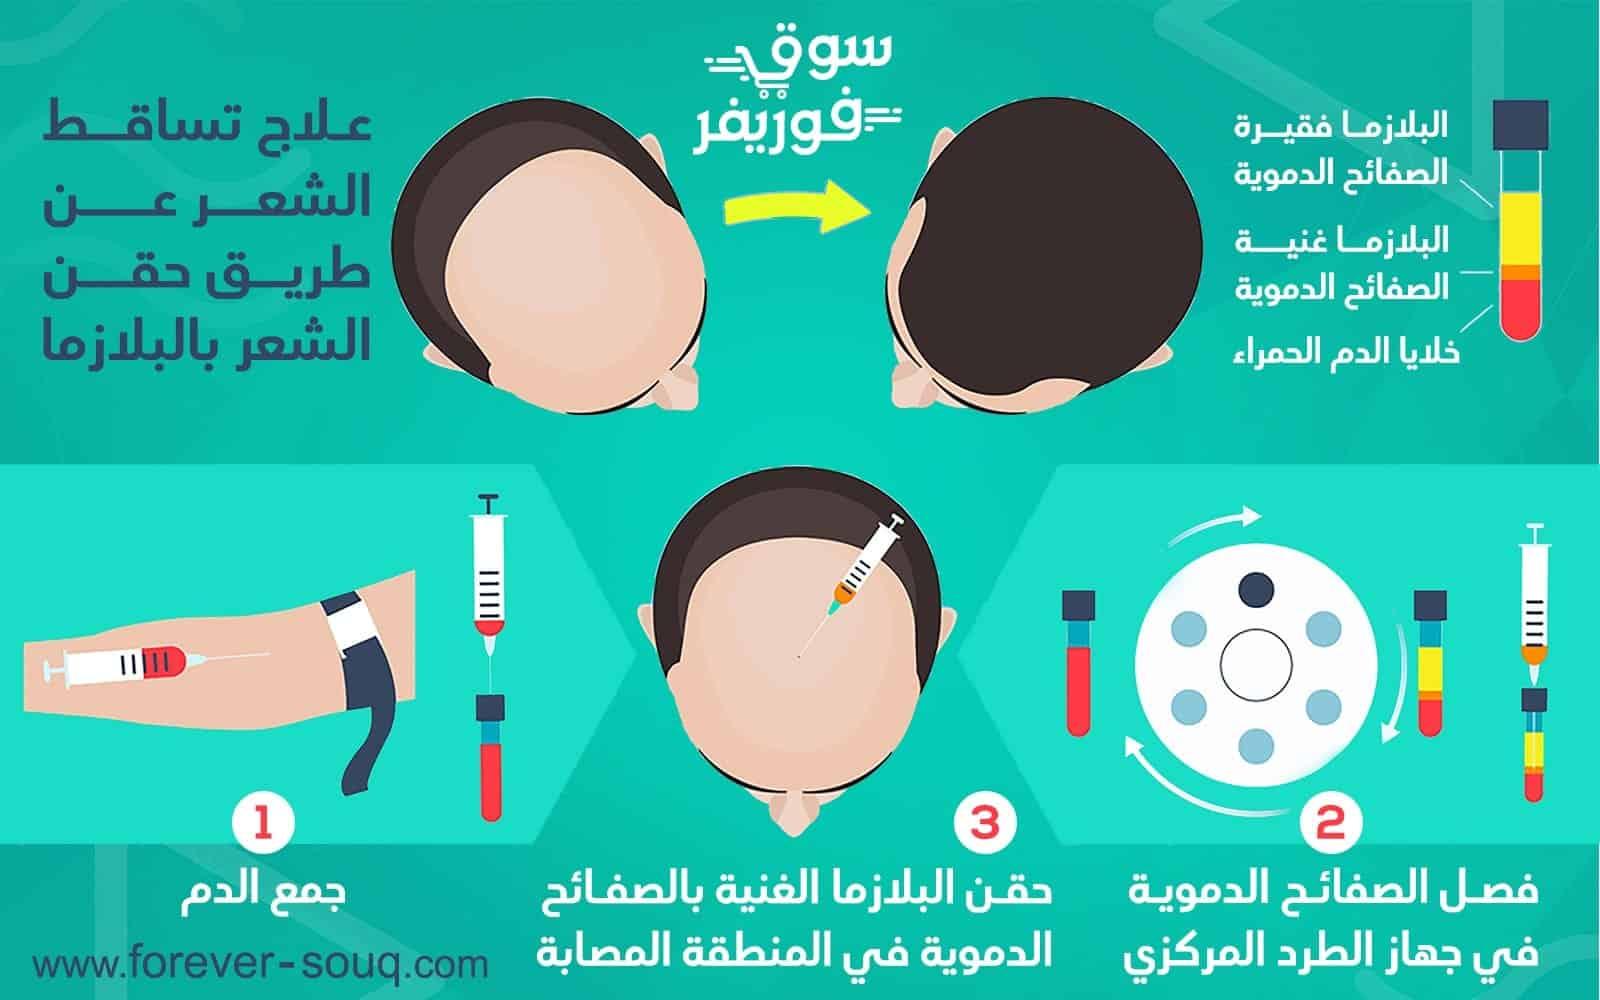 تعرف على أسباب تساقط الشعر الشديد علاج تساقط الشعر بالبلازما